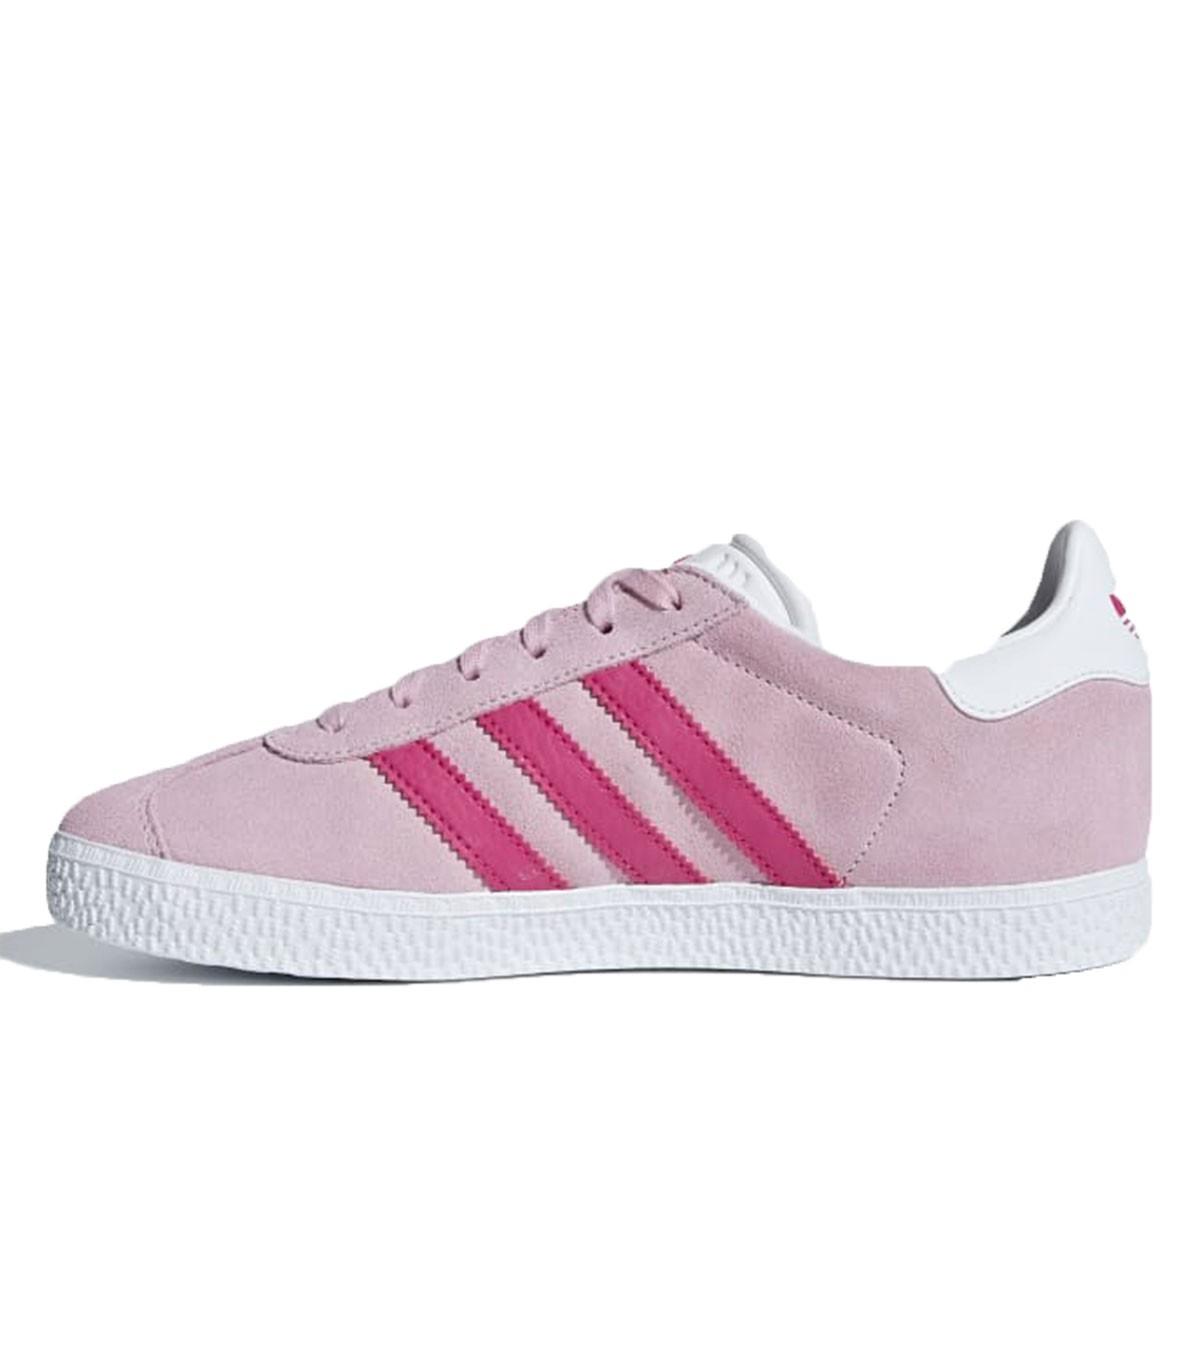 676e7aa8 Buy Adidas Gazelle J